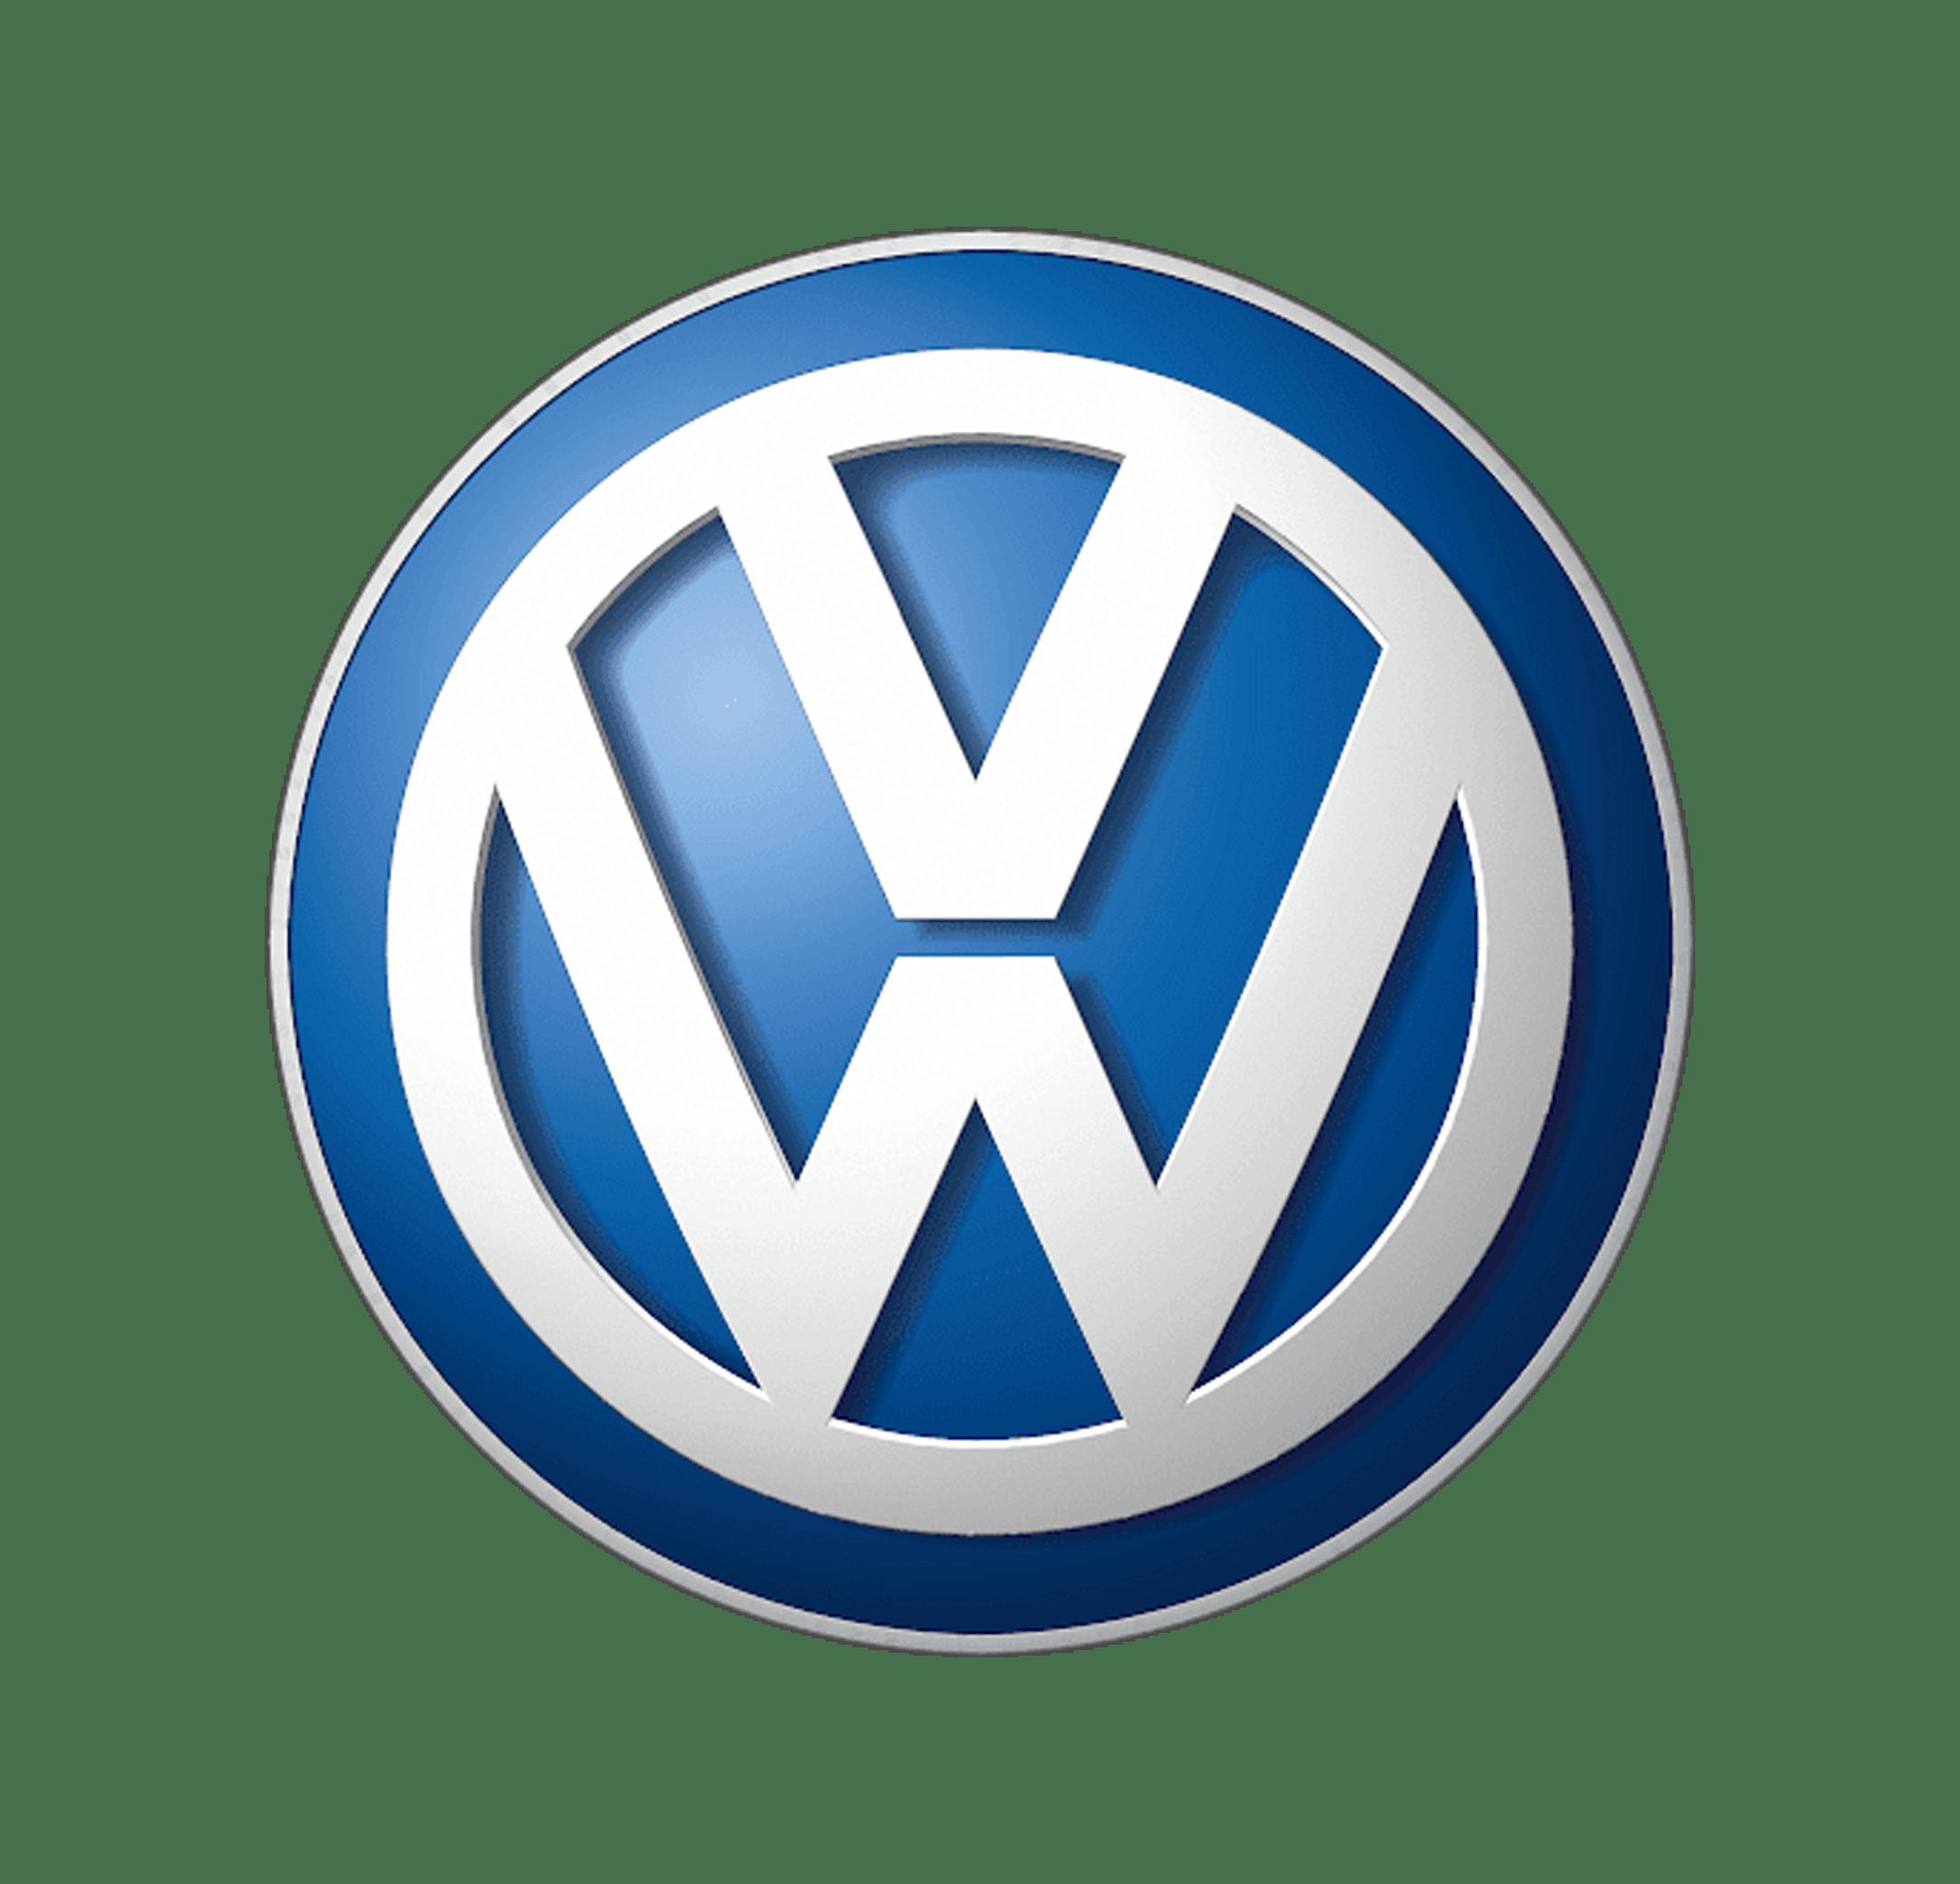 Volkswagen-min.png